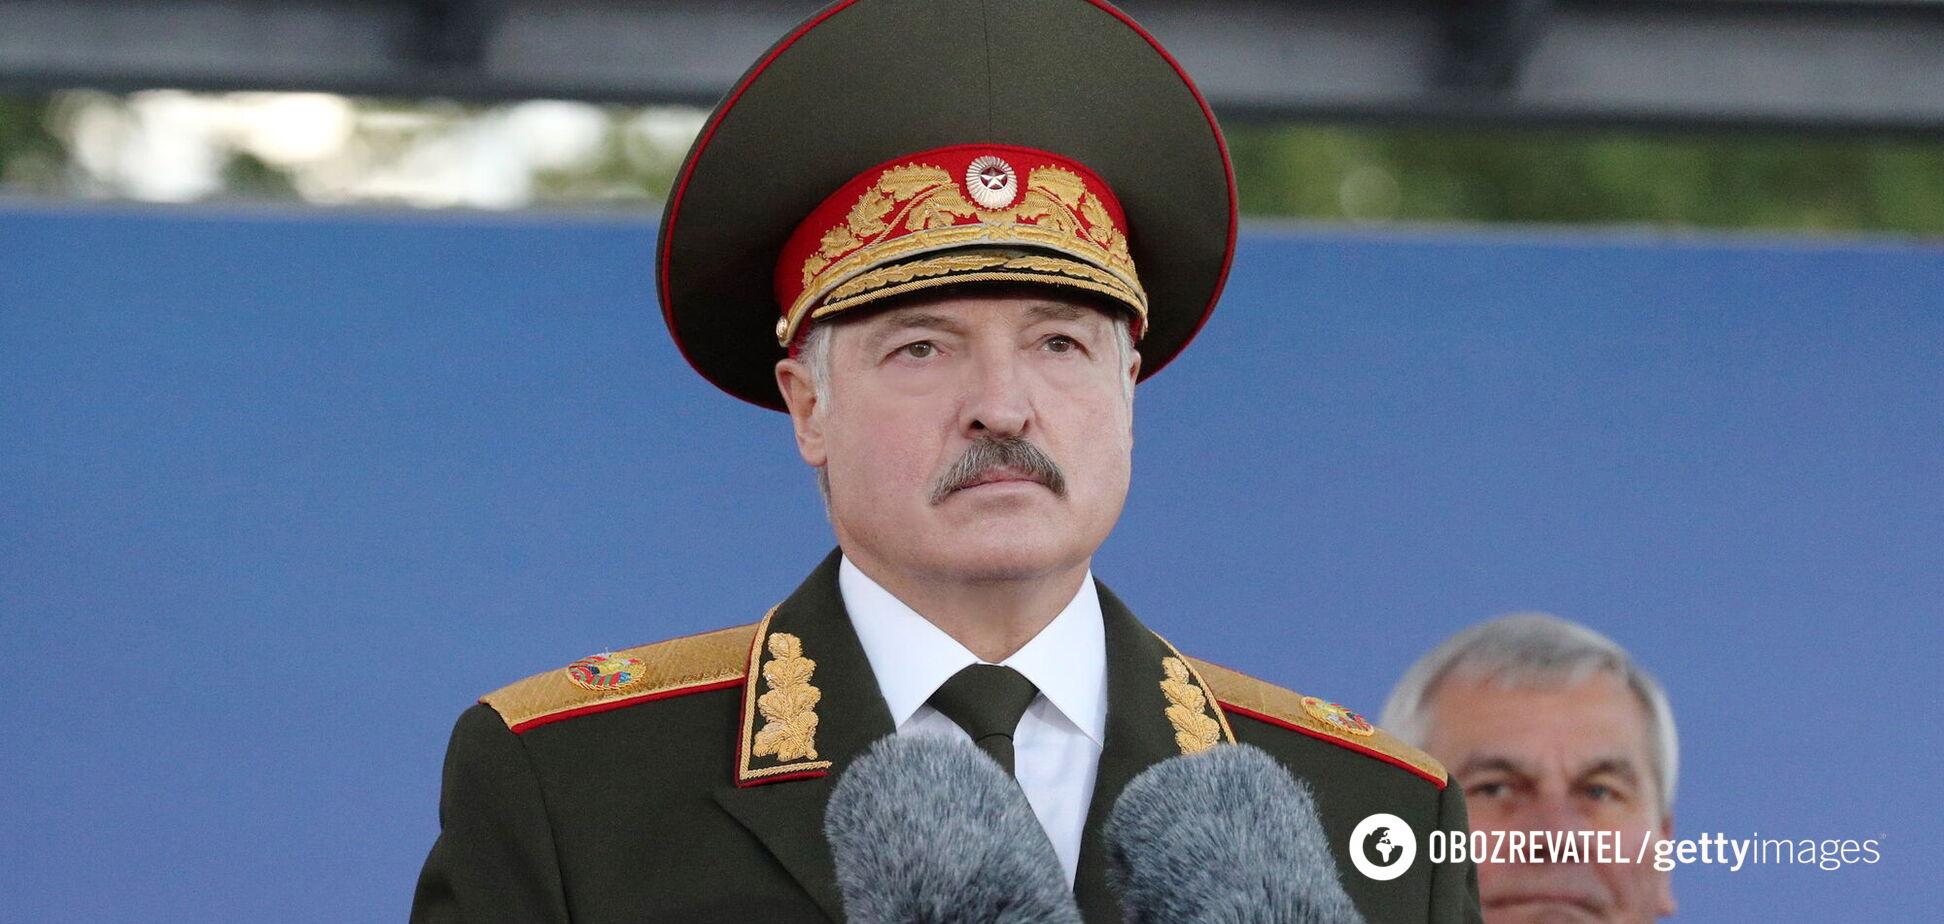 Заяву Лукашенка про 'ворушіння' НАТО біля кордонів прокоментували в альянсі